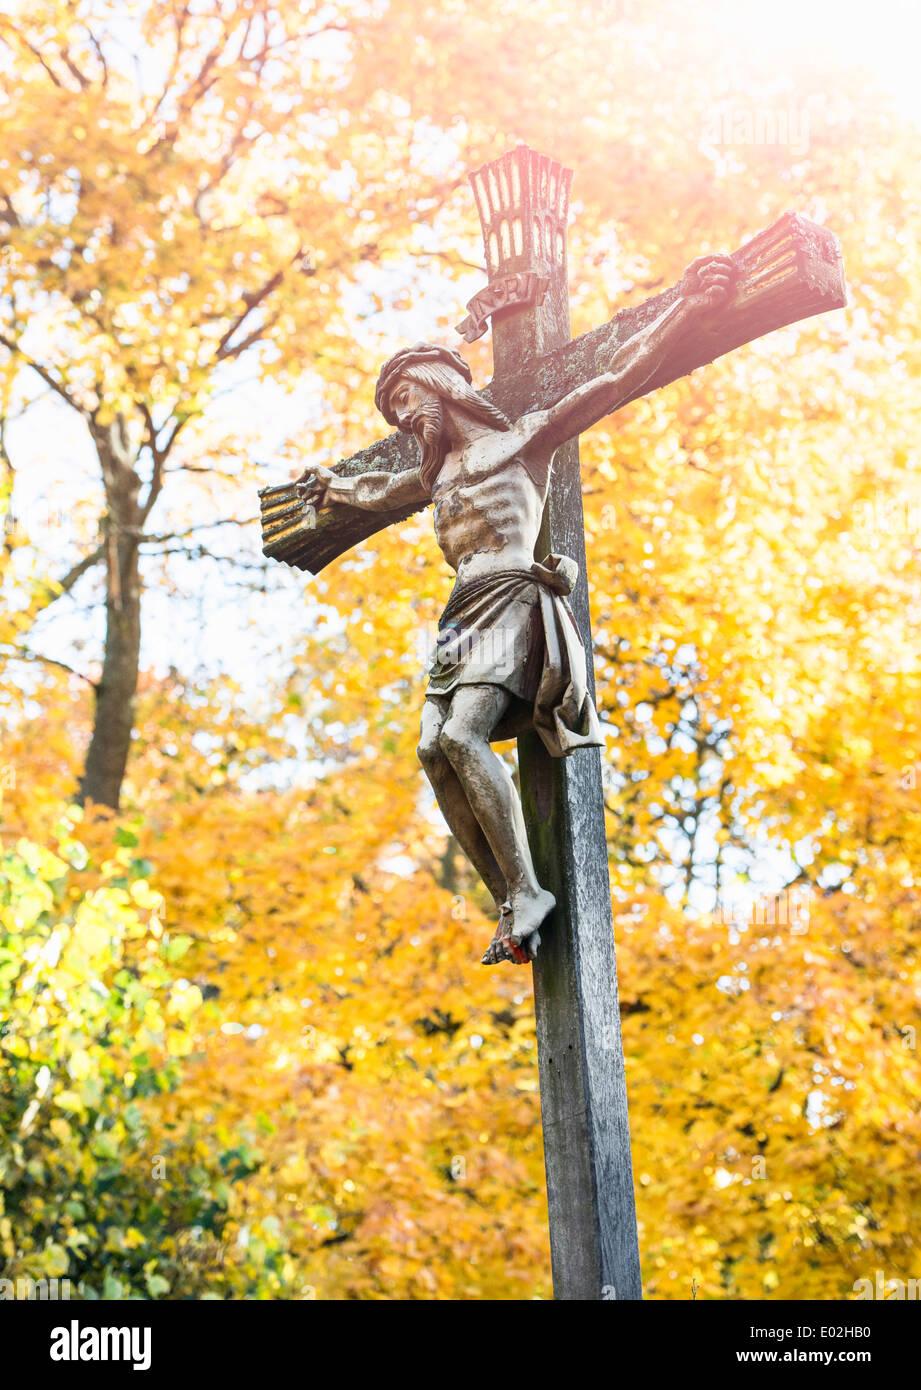 Jésus Christ sur la croix avec les arbres d'automne en arrière-plan. Cimetière à Stockholm, Suède. Photo Stock